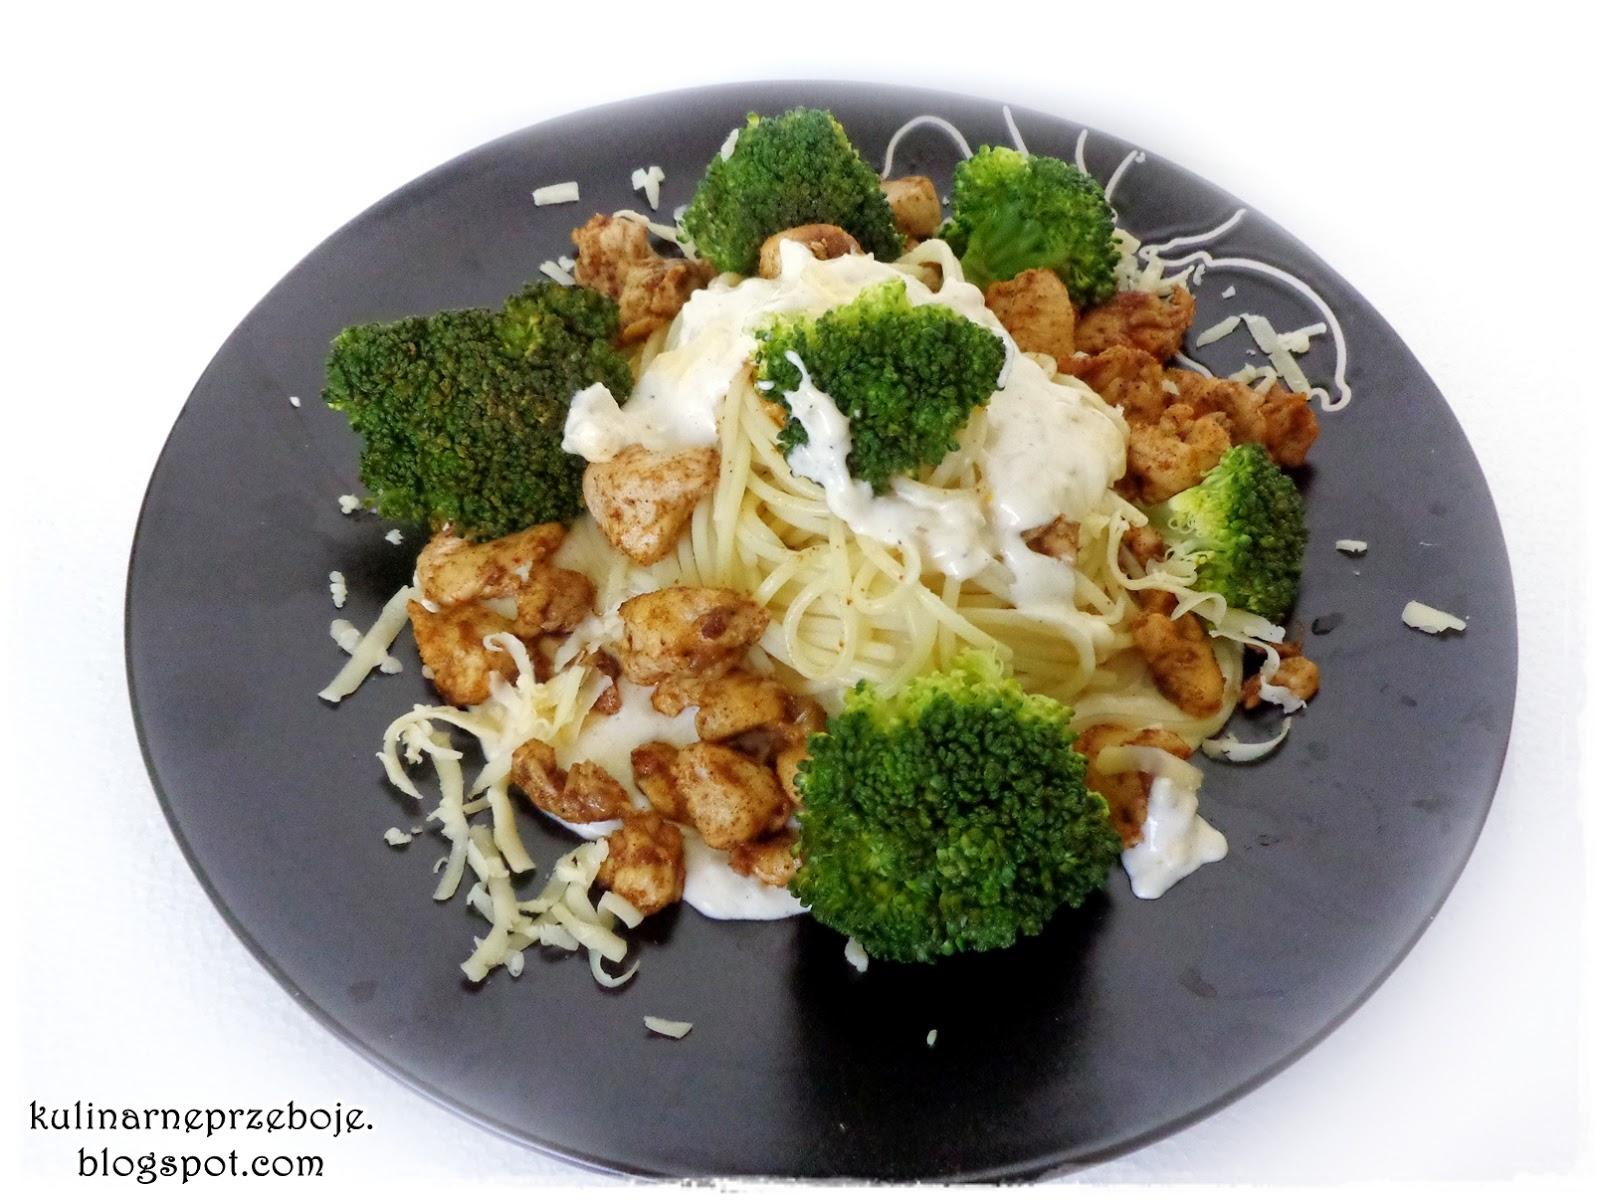 Makaron z kurczakiem i brokułami w sosie serowym